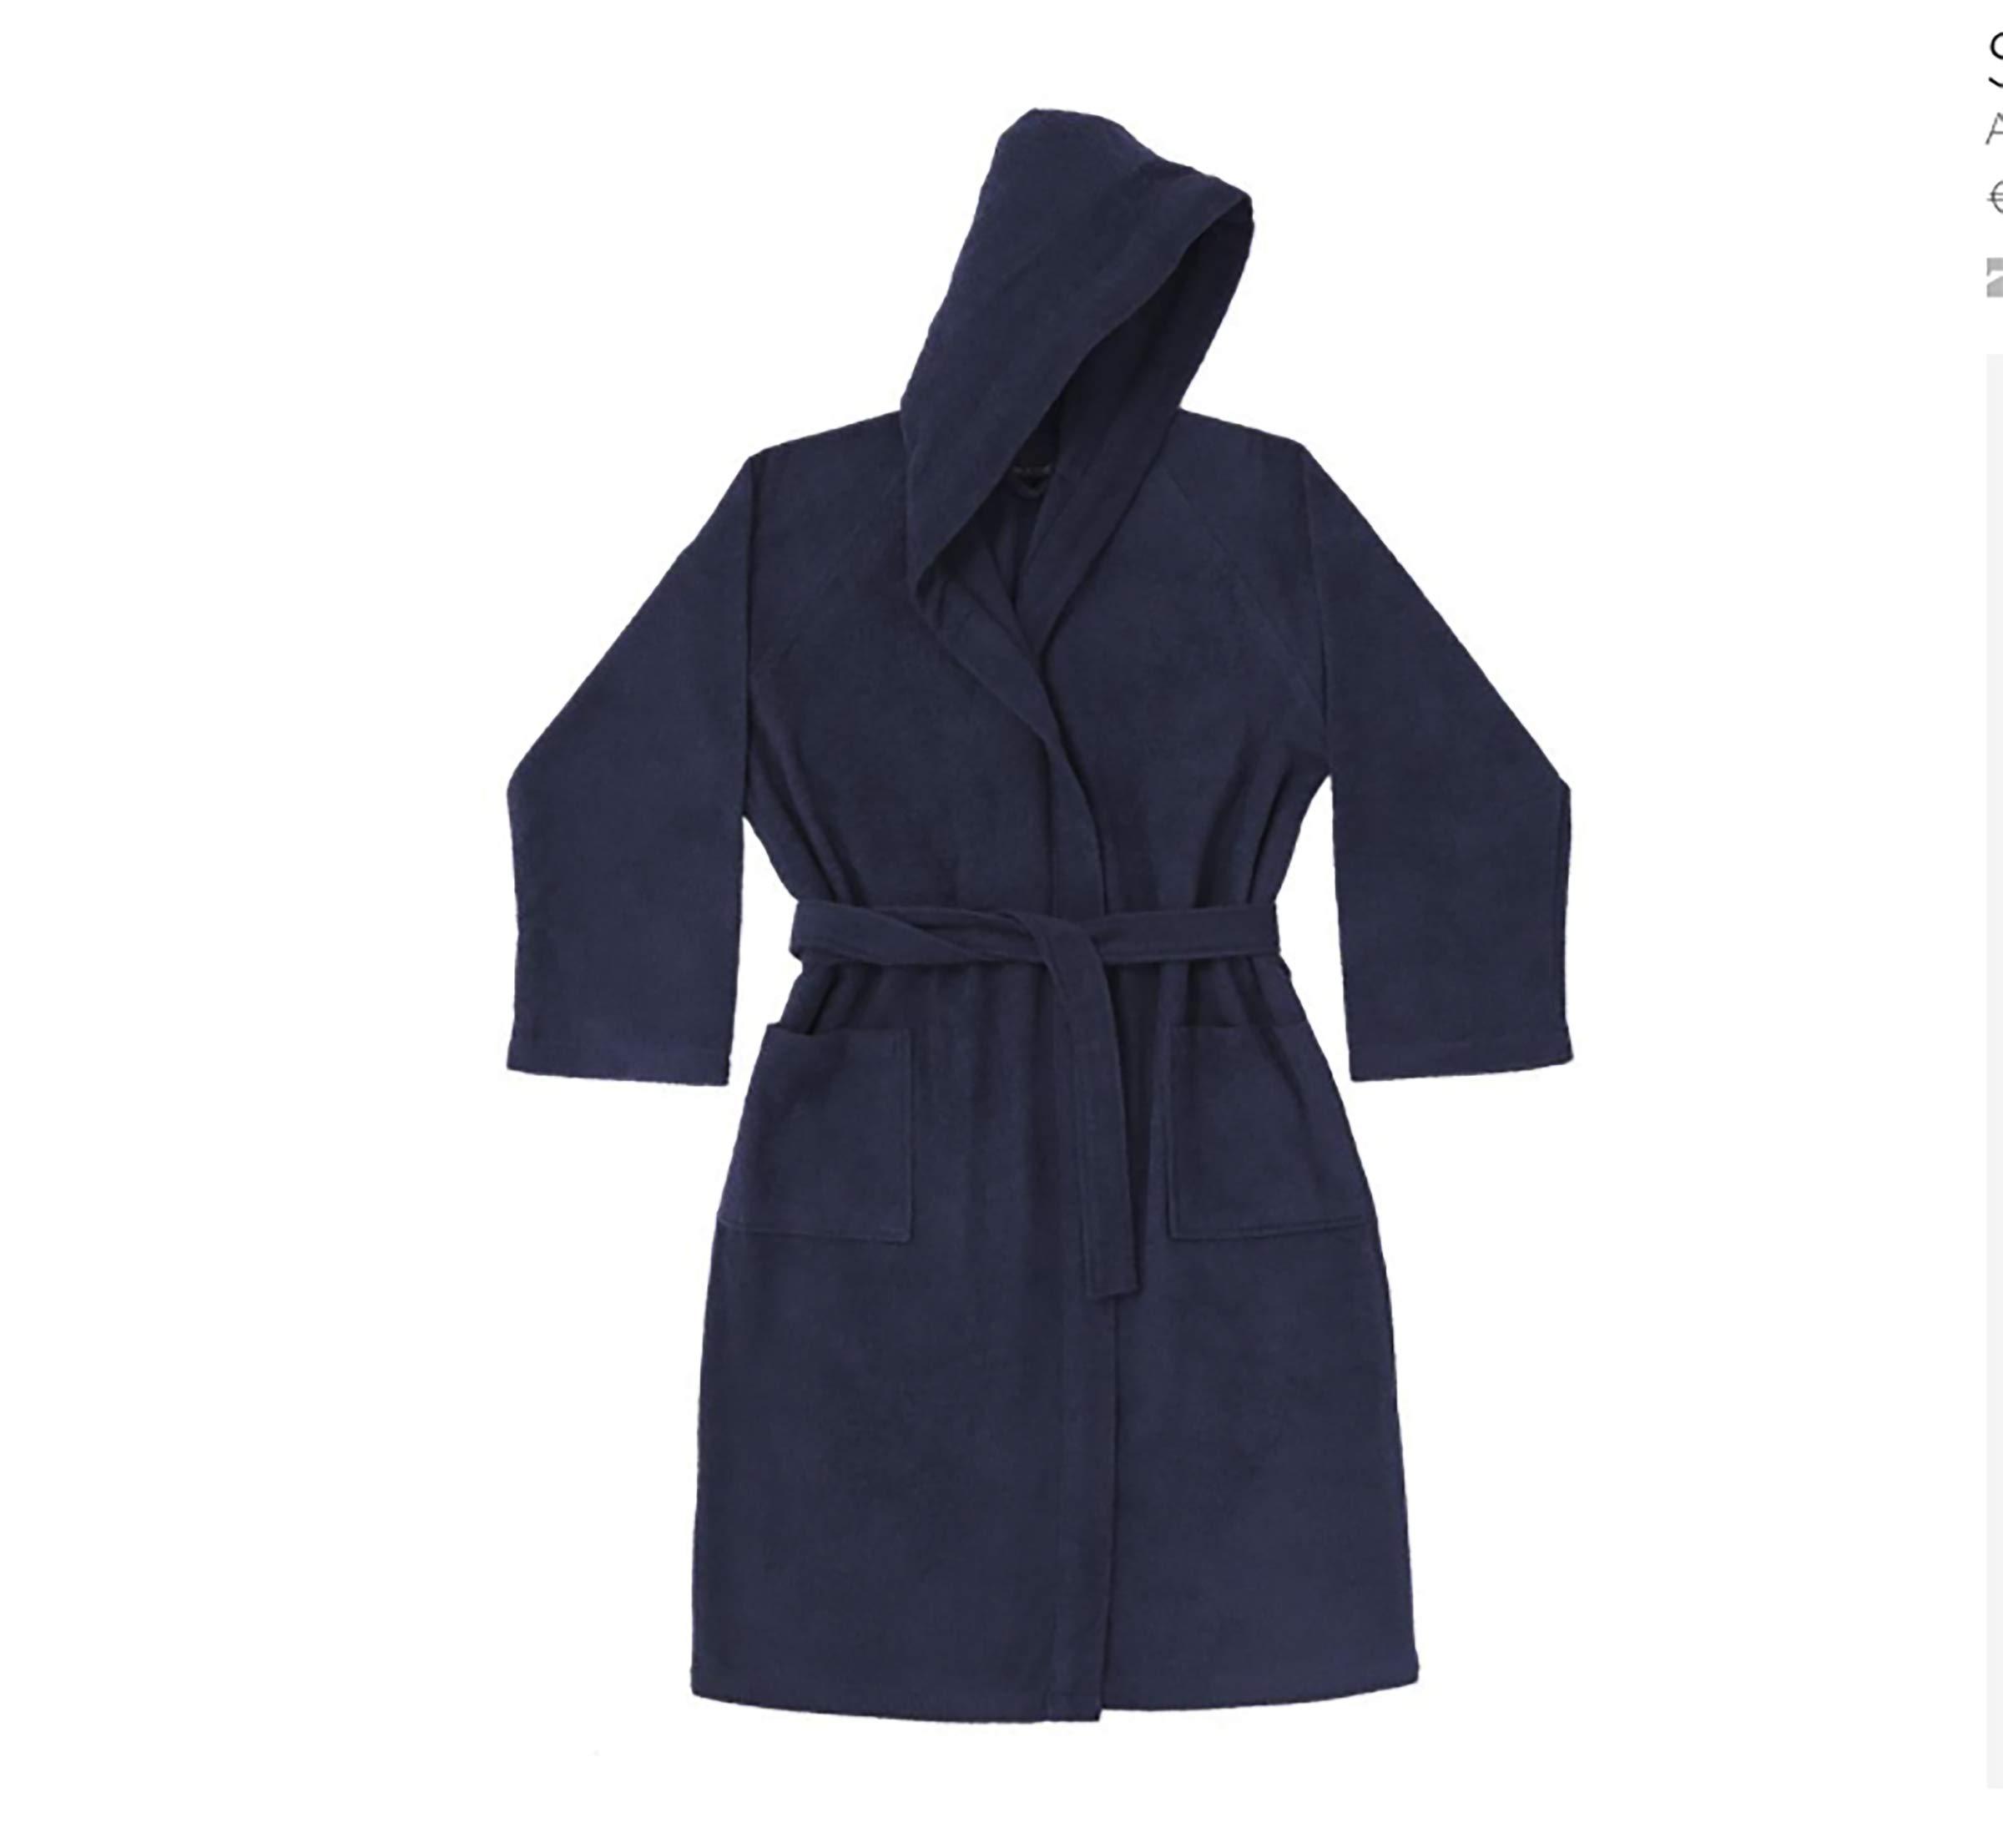 Sofficepiuma.it - Albornoz para hombre y mujer con capucha de rizo de 400 g/m², producción exclusiva, dos bolsillos y cinturón: Amazon.es: Hogar